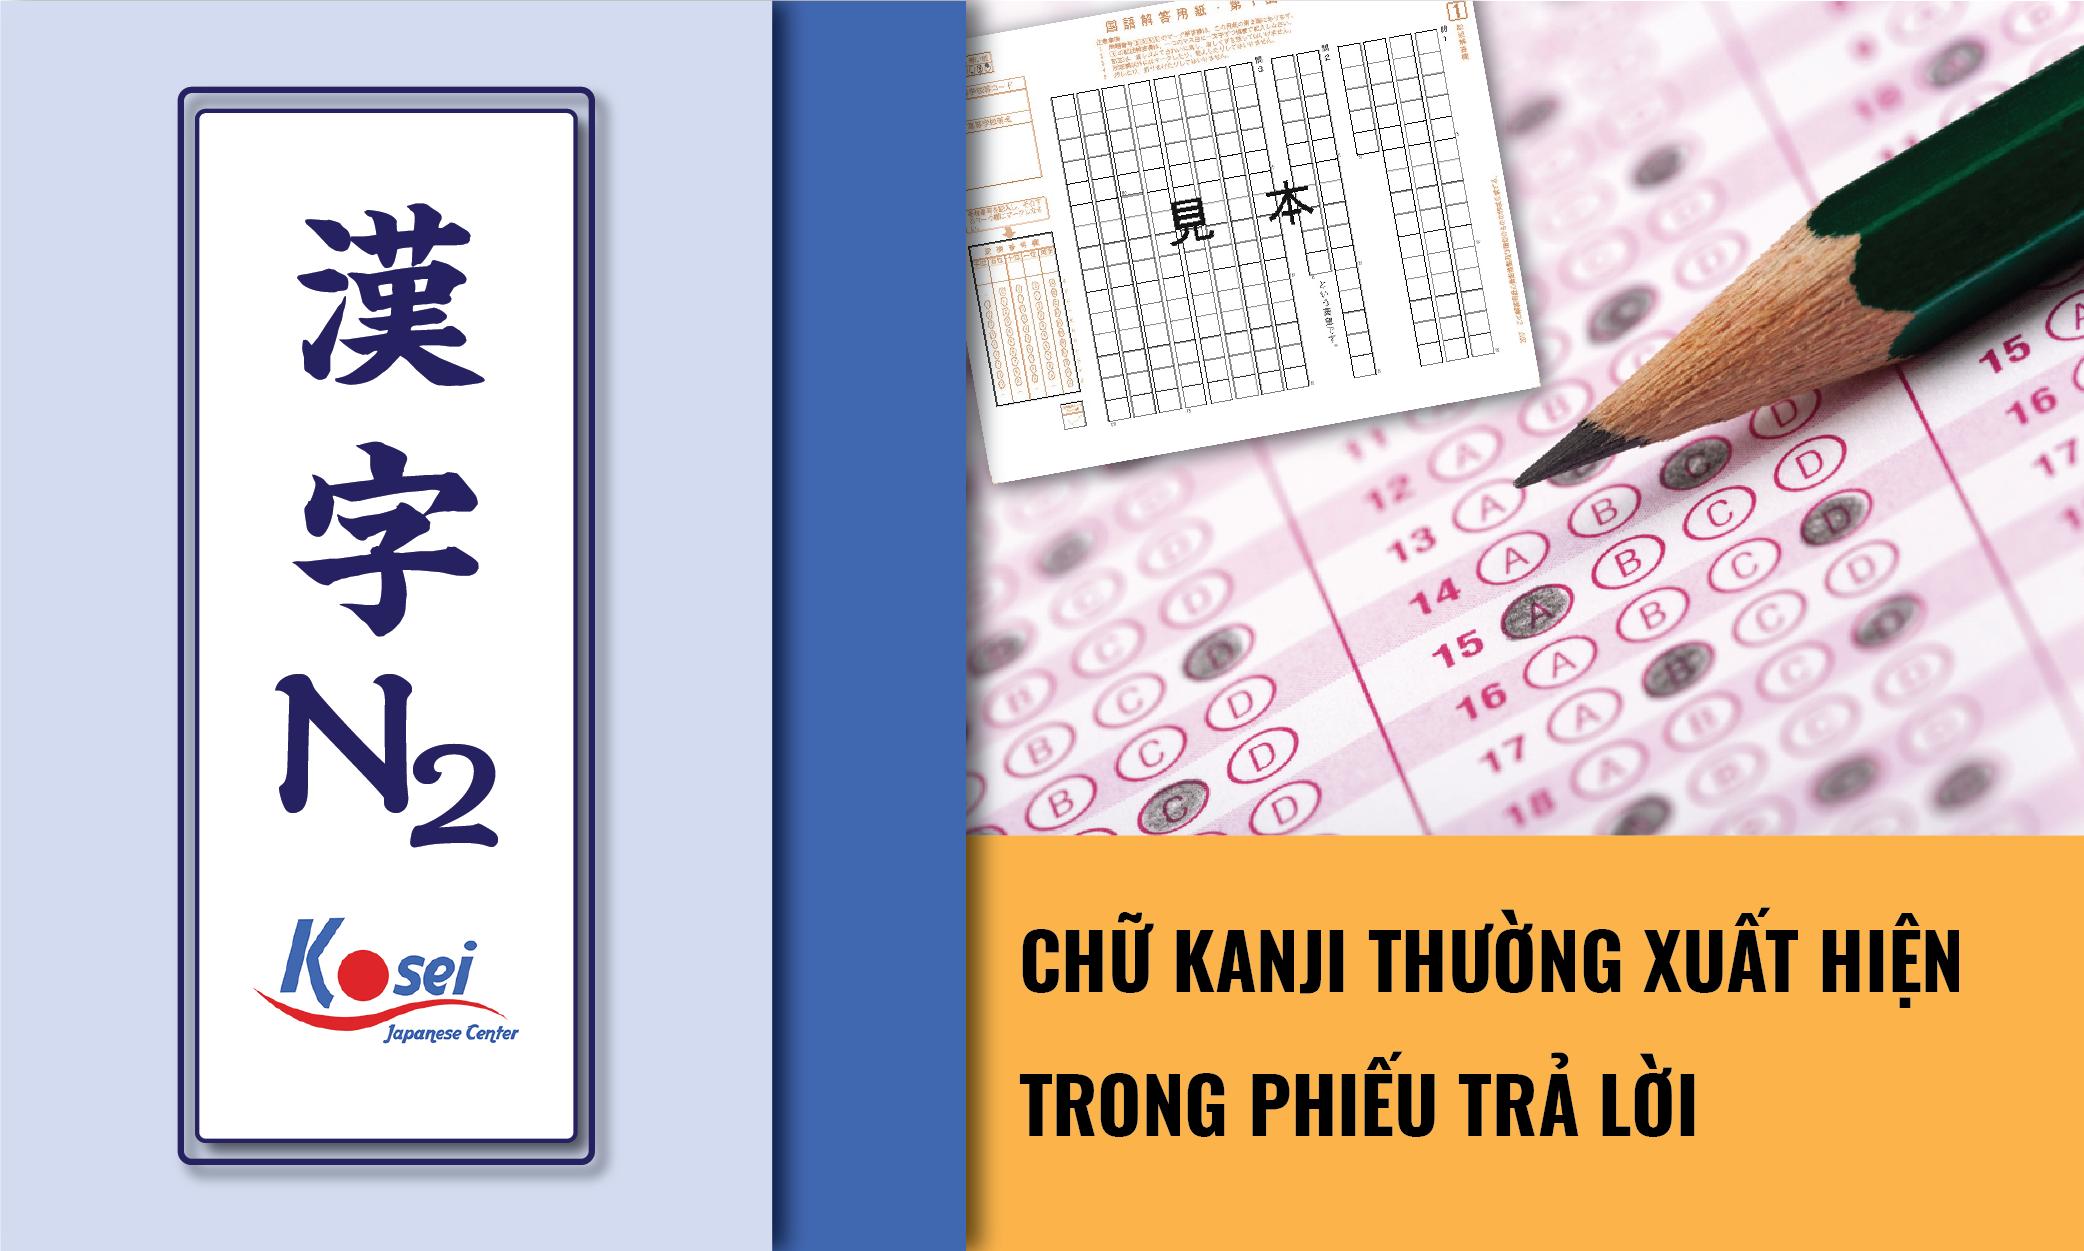 (Tổng hợp) Kanji N2: Những Kanji trên phiếu trả lời đáp án